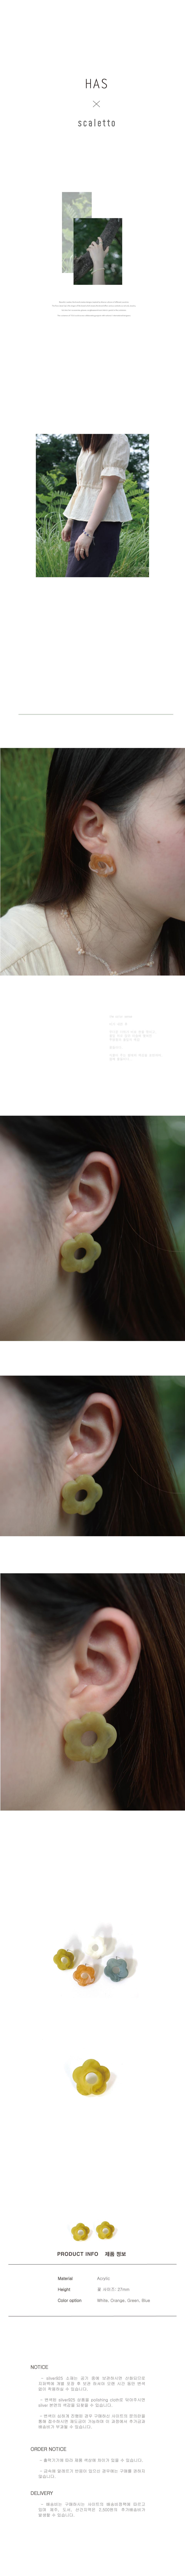 하스(HAS) HXS04 Mini flower acrylic earrings